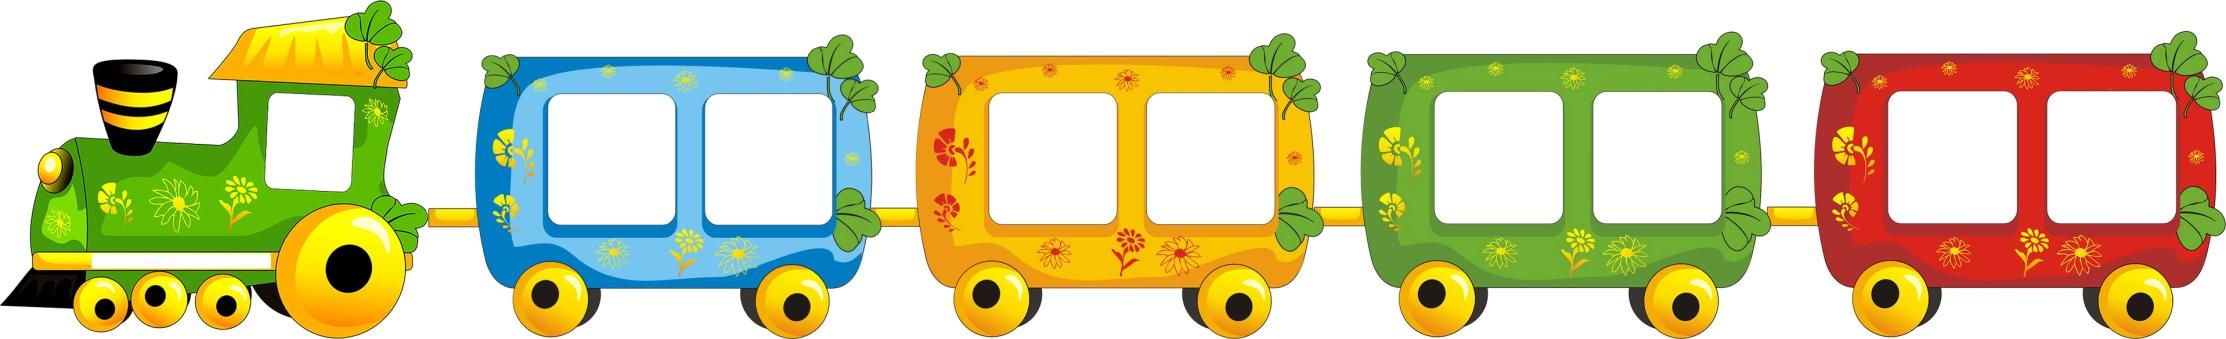 каменистой картинка паровозика с вагончиками с детьми меховые жилетки должны